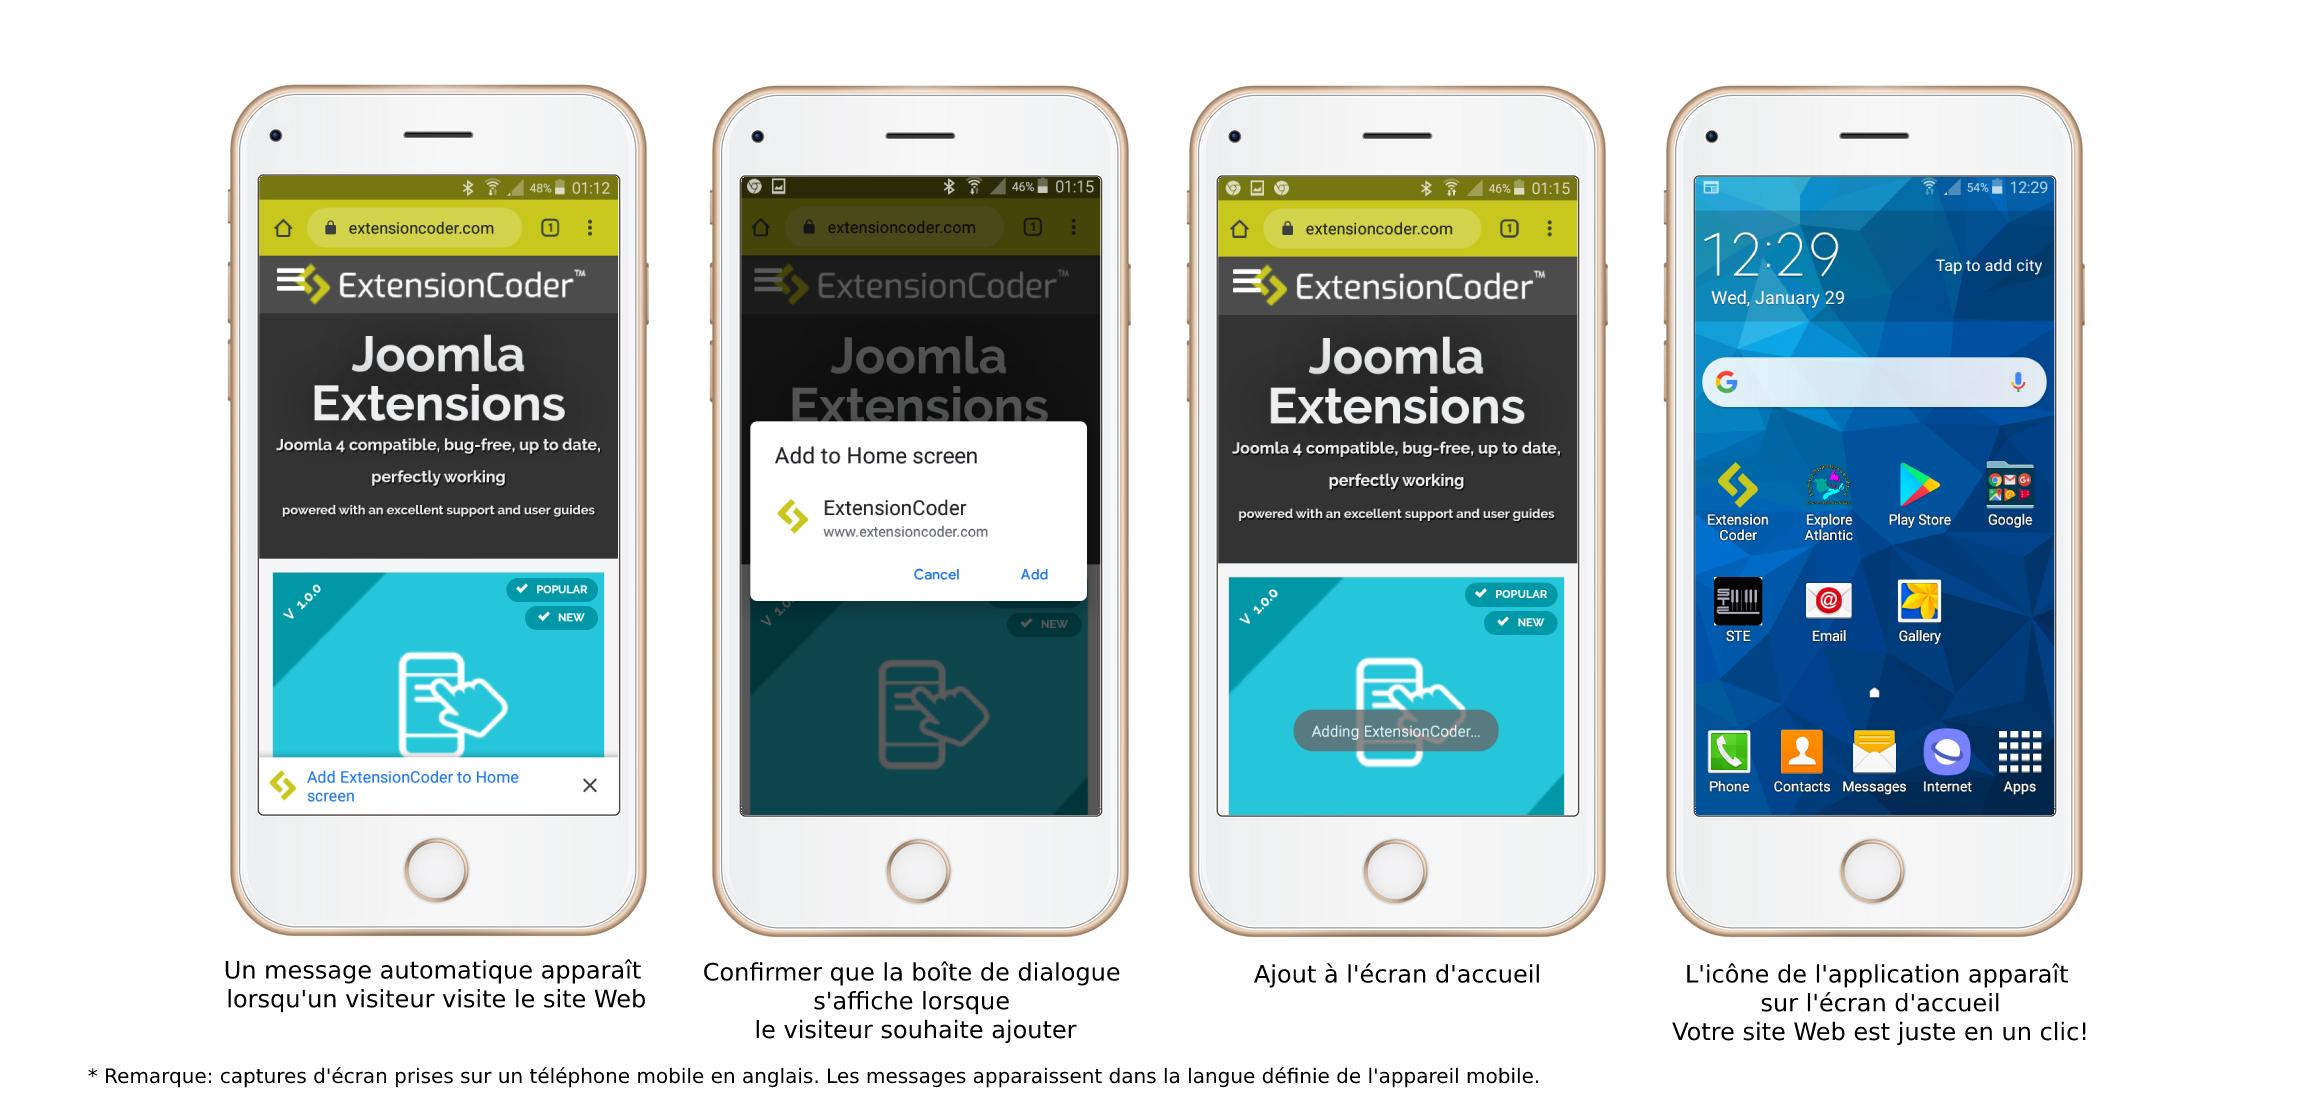 Joomla Extensions- Progressive Web App